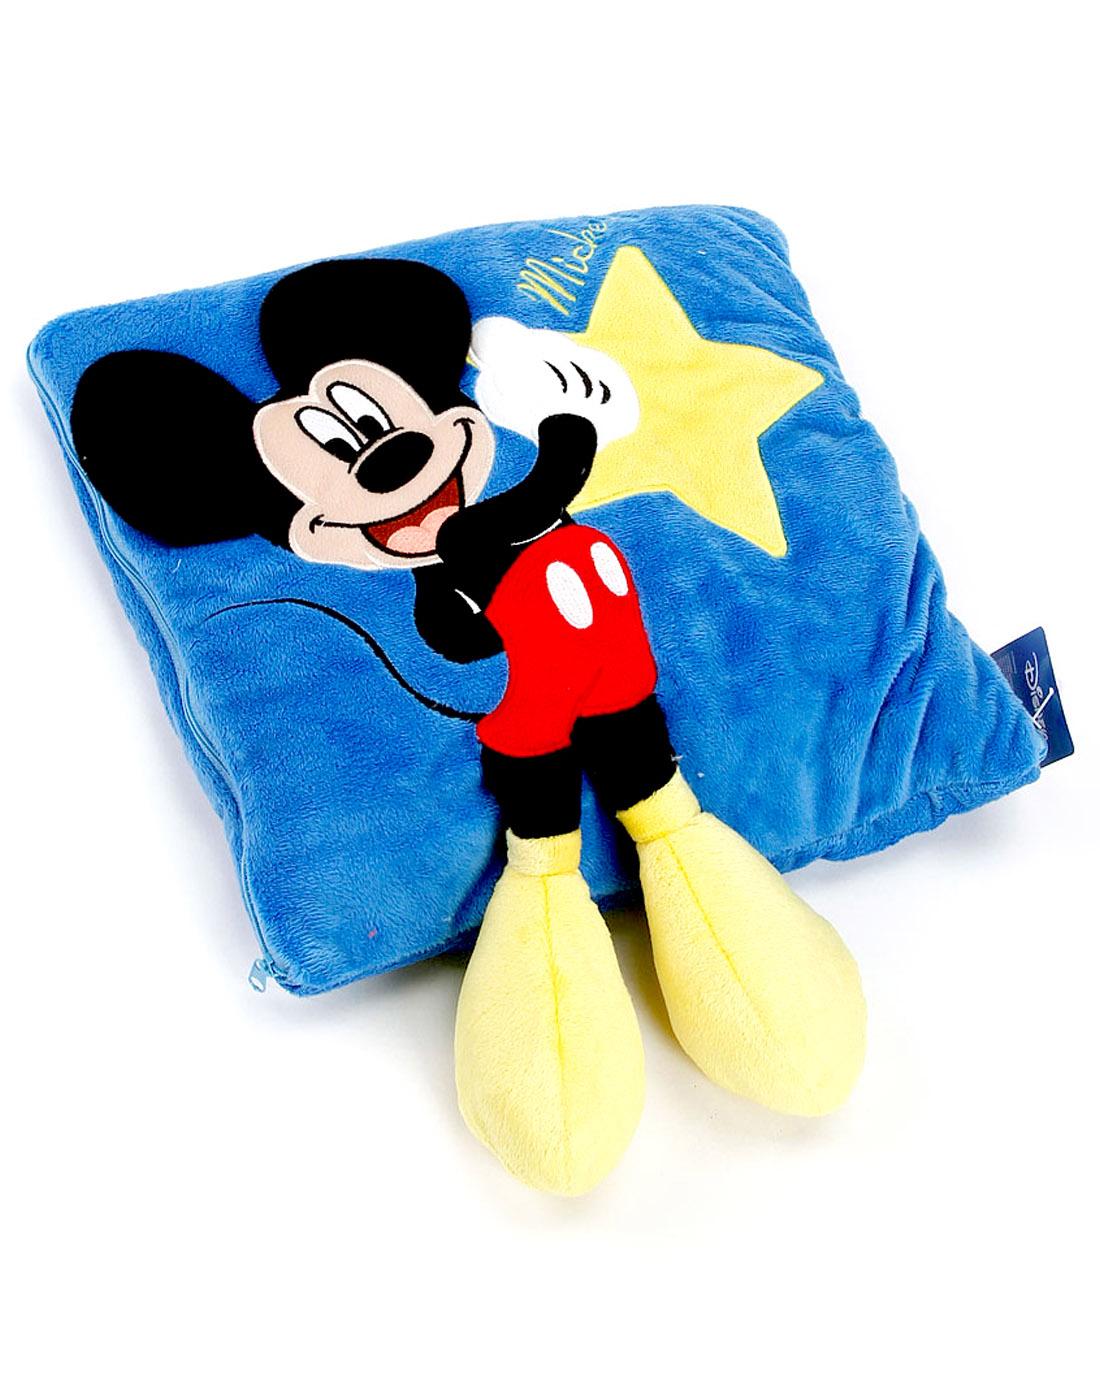 米奇立体蓝色抱枕被